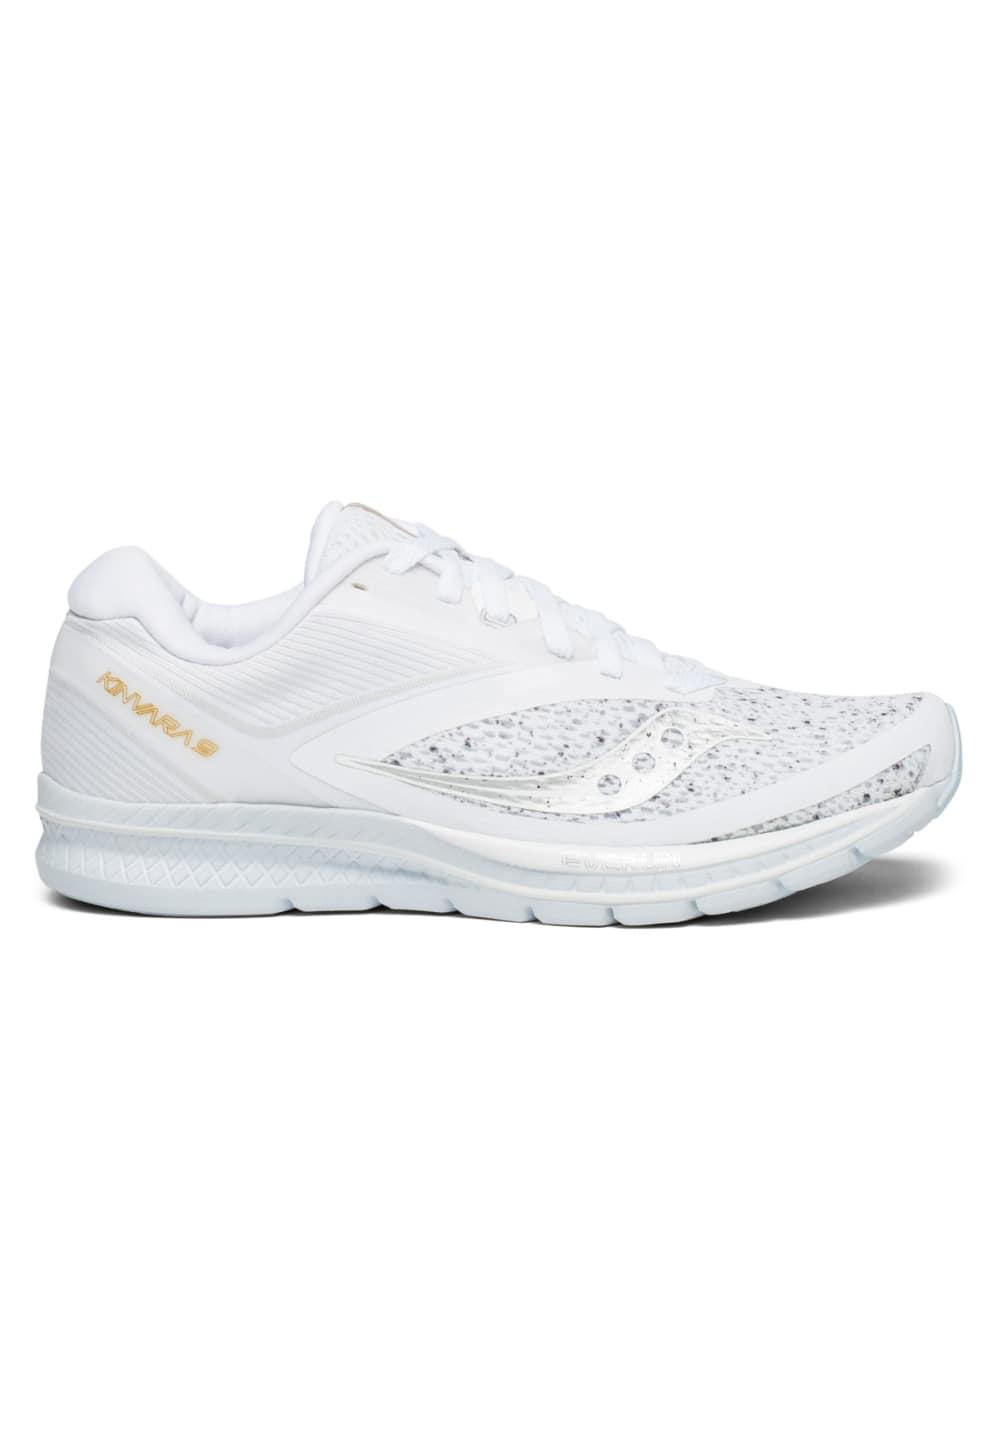 online store c2dd3 e7f38 Saucony Kinvara 9 - Running shoes for Women - White